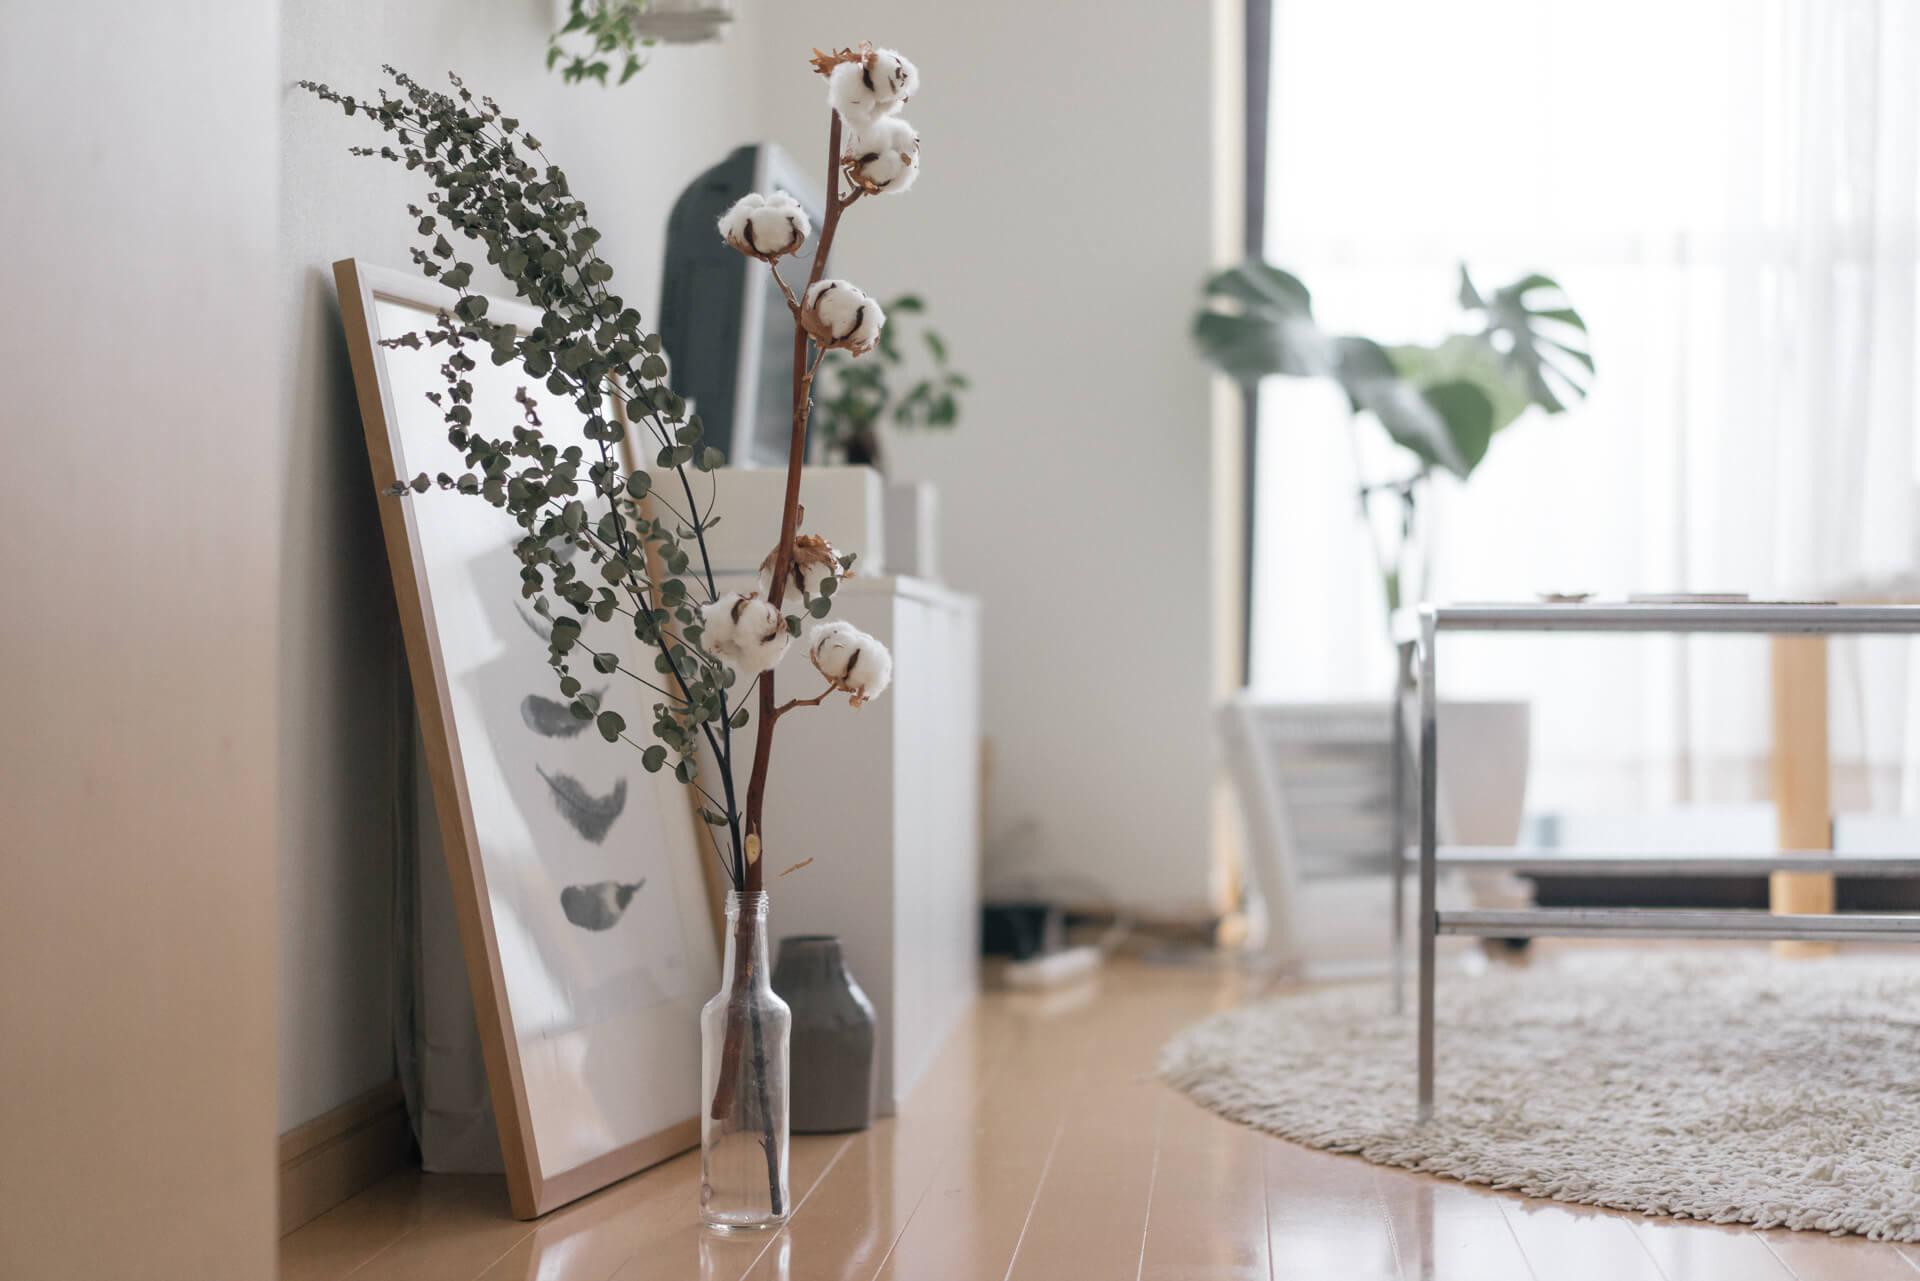 お部屋に入ってすぐのところに飾られたドライフラワー、それに窓際の大きな観葉植物が目をひくポイントになっています。